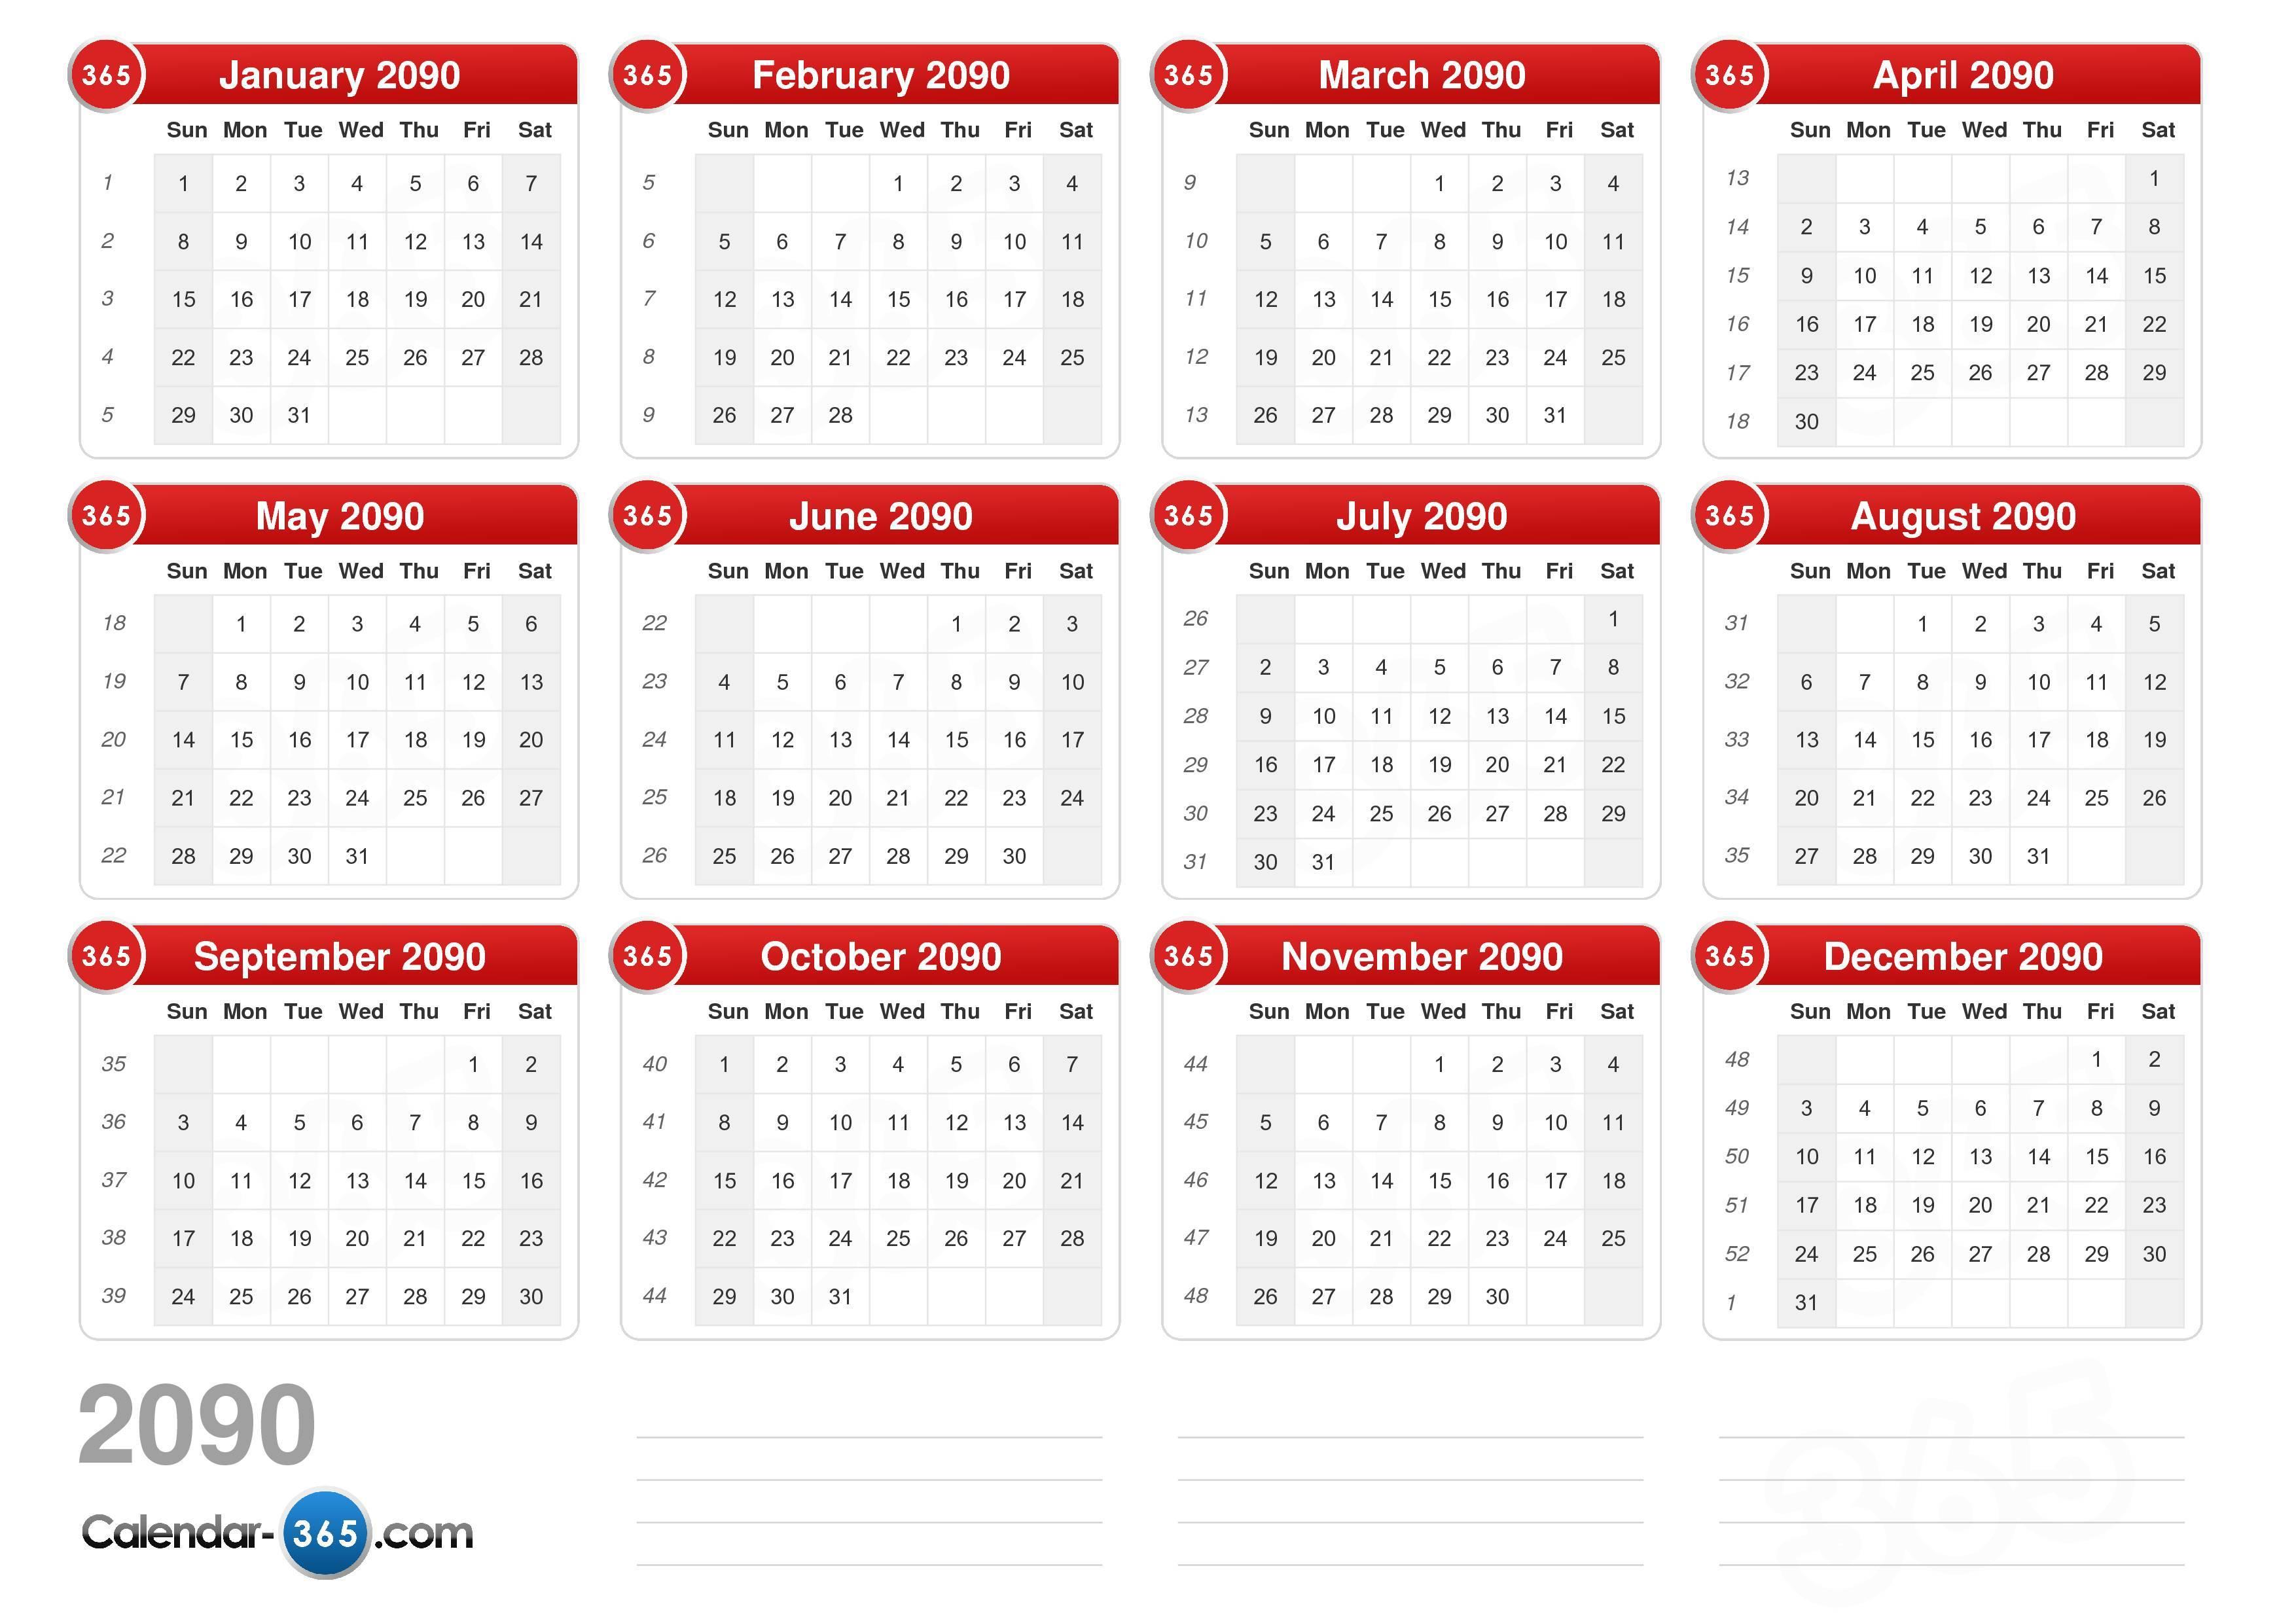 2090 Calendar (v2)